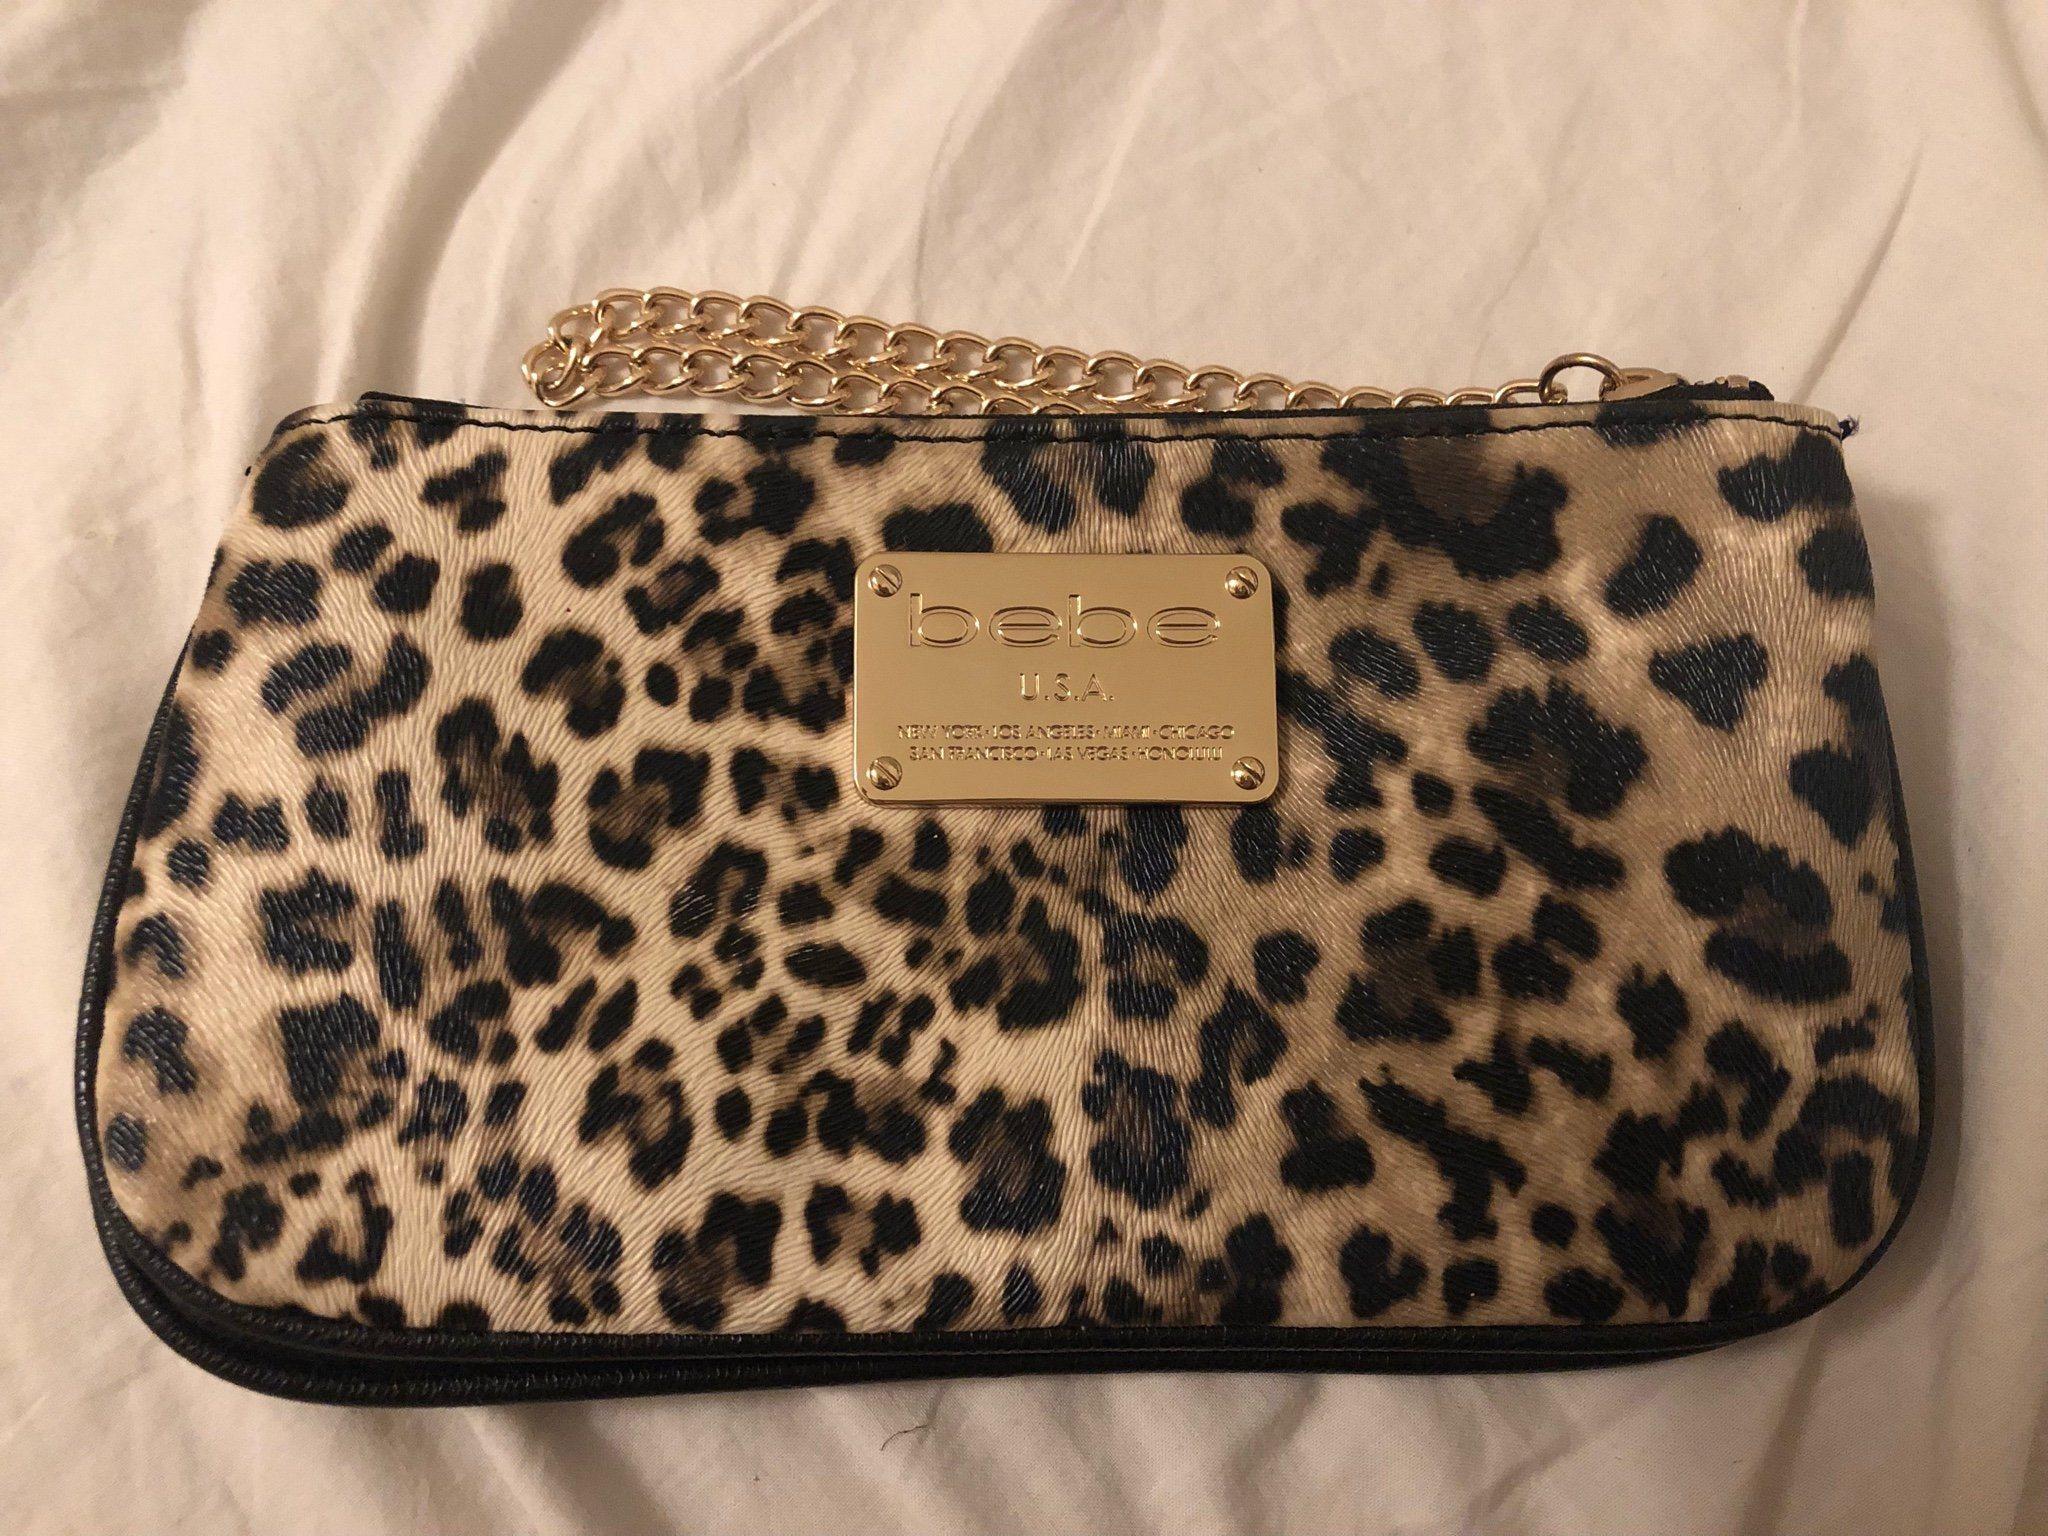 Bebe - leopard - mönstrad - necessär - liten väska - clutch - sminkväska fc4b9ef5784e5